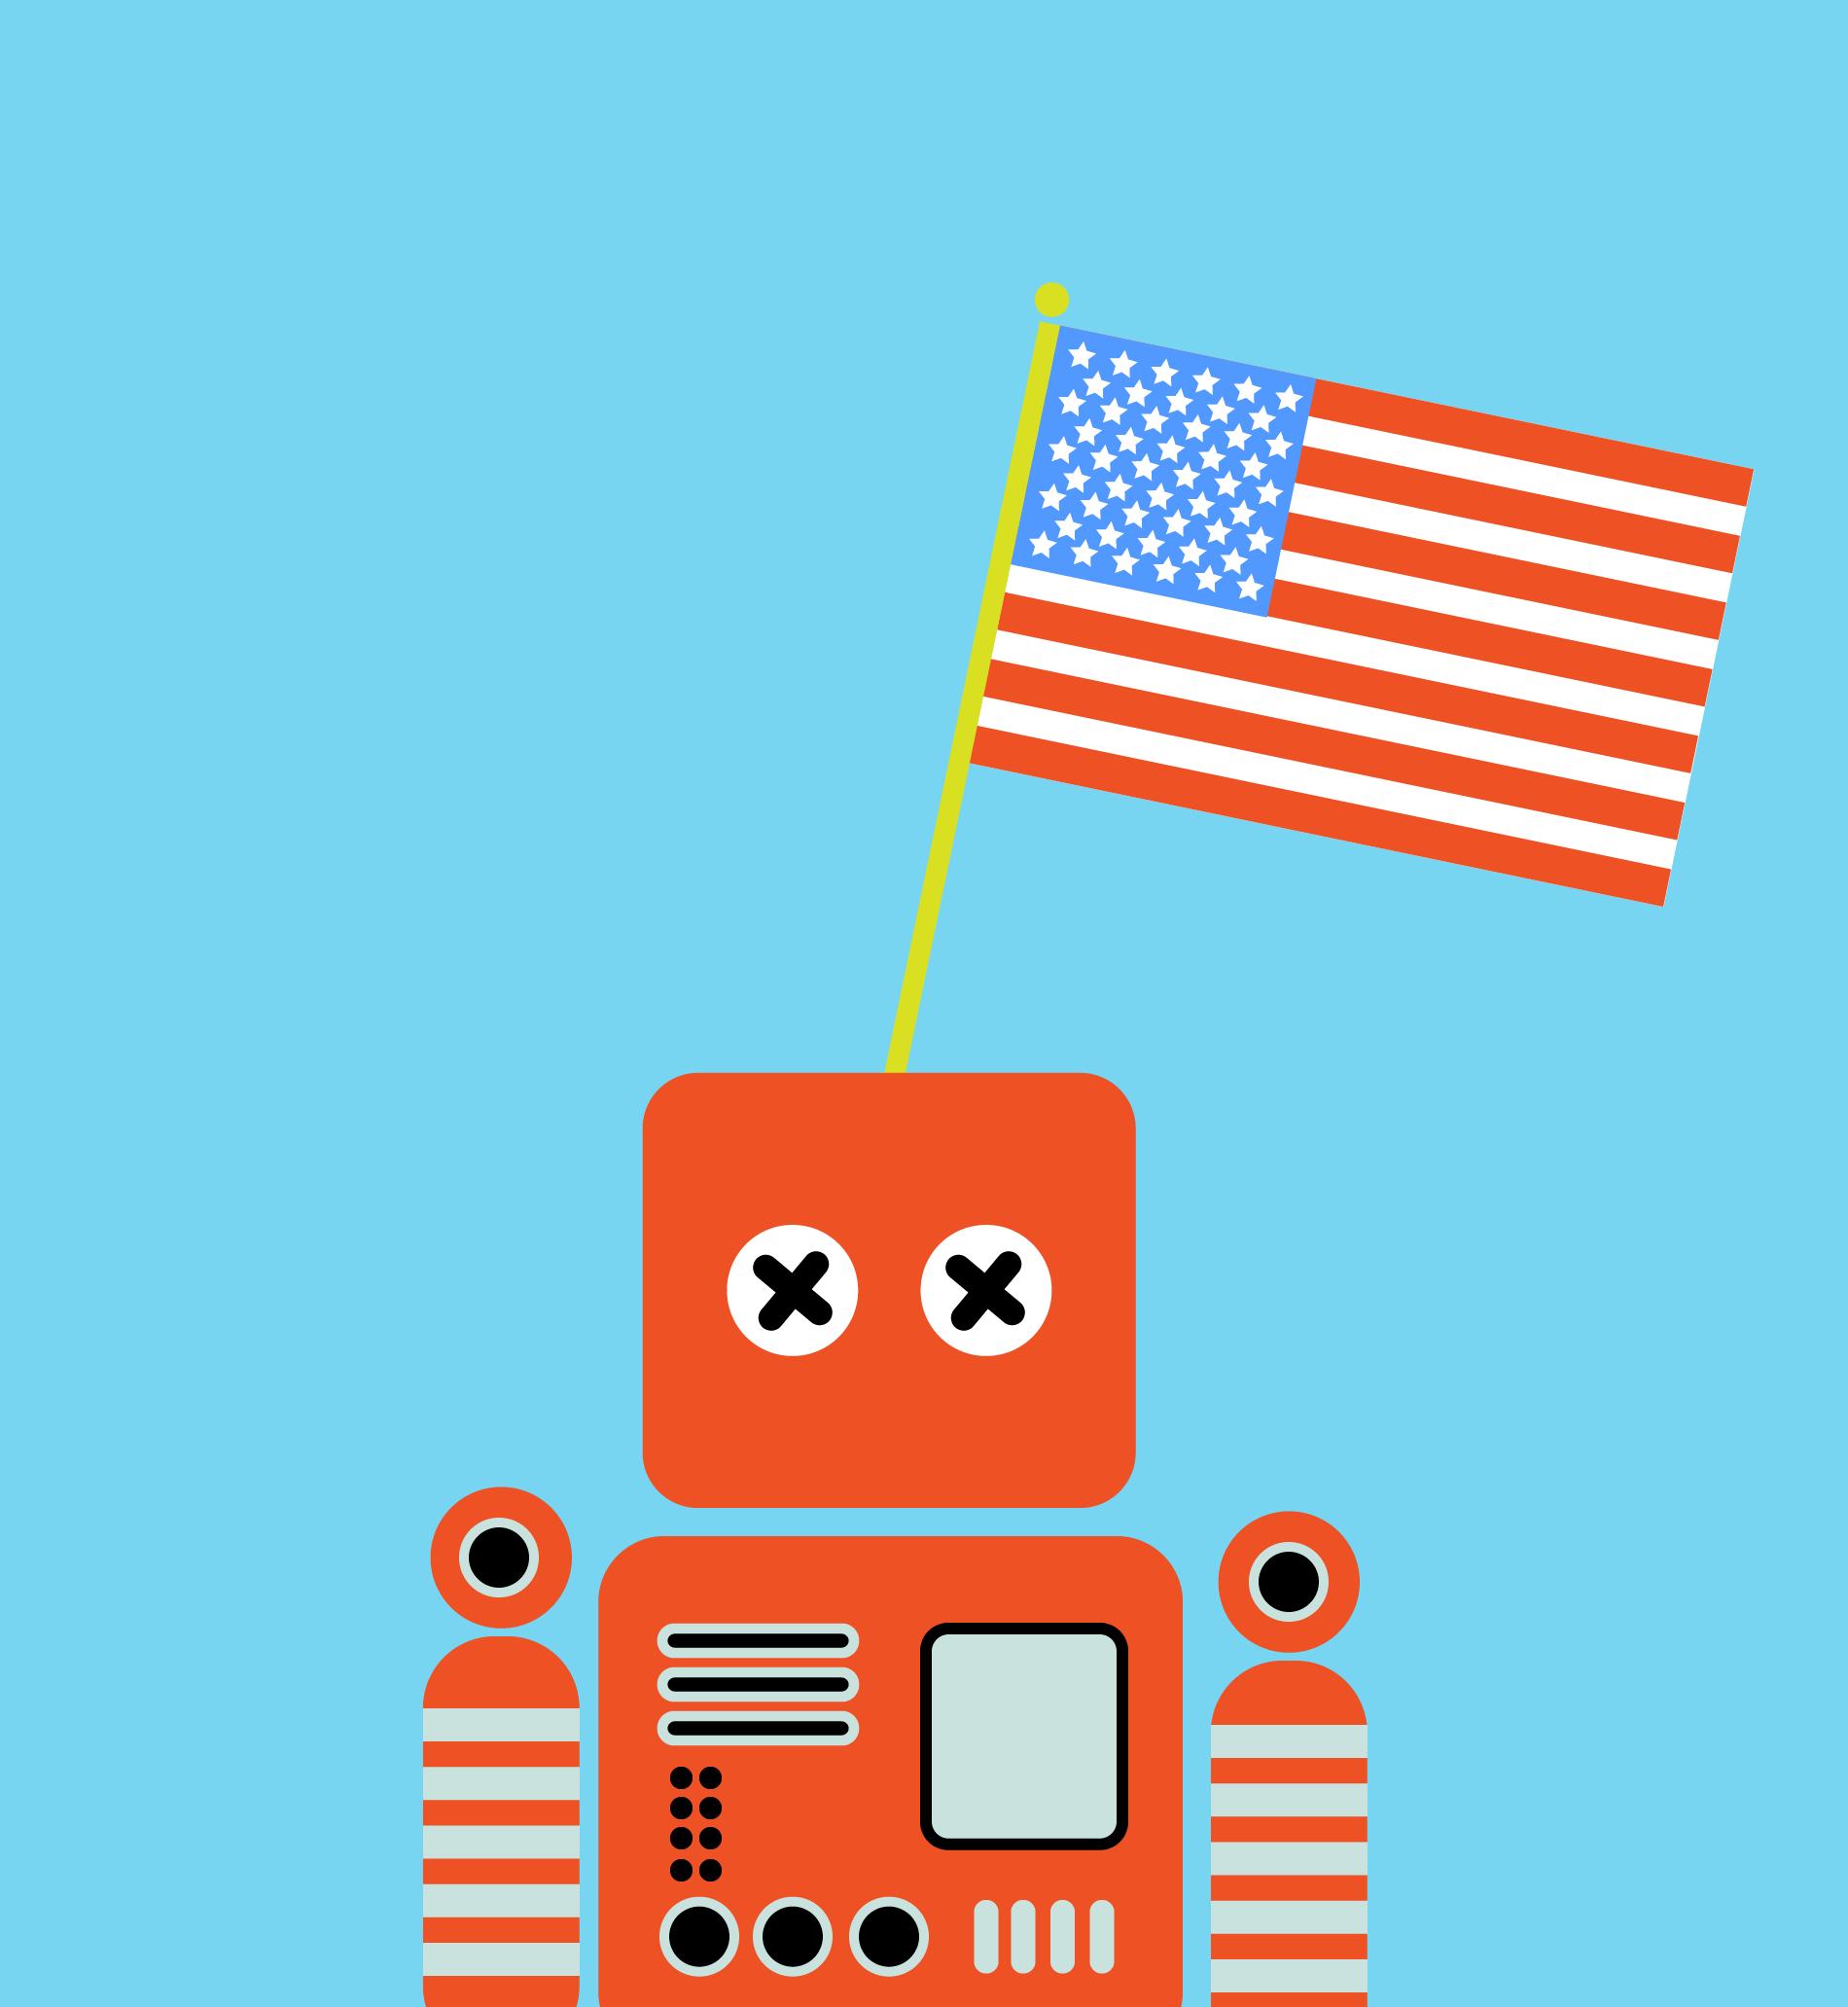 Por qué limitar las exportaciones de IA es una idea pésima